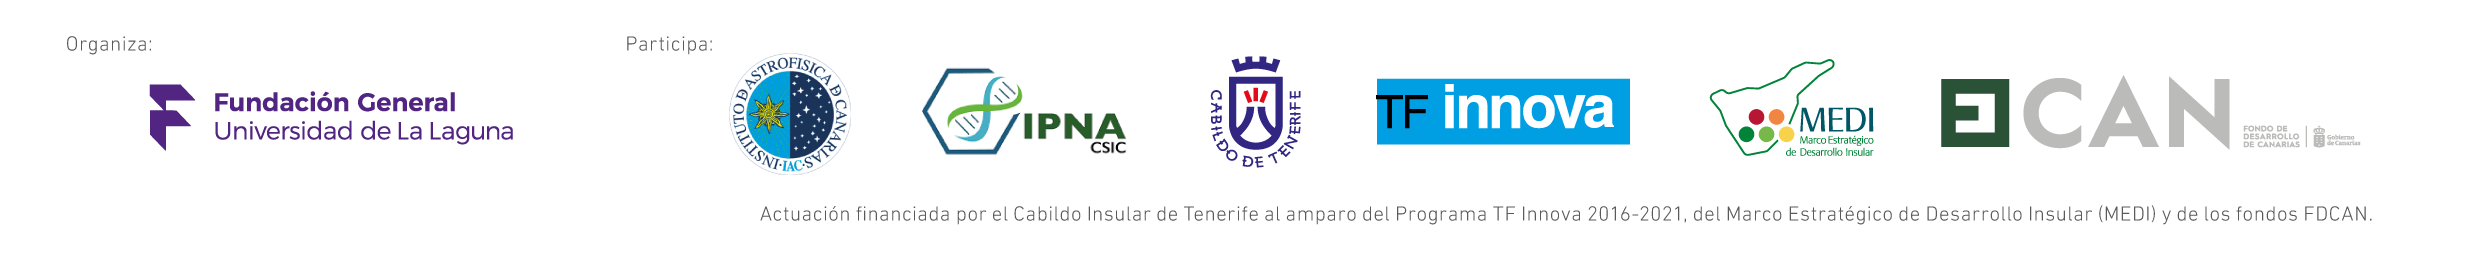 Logos de entidades del programa SpinUp 2020